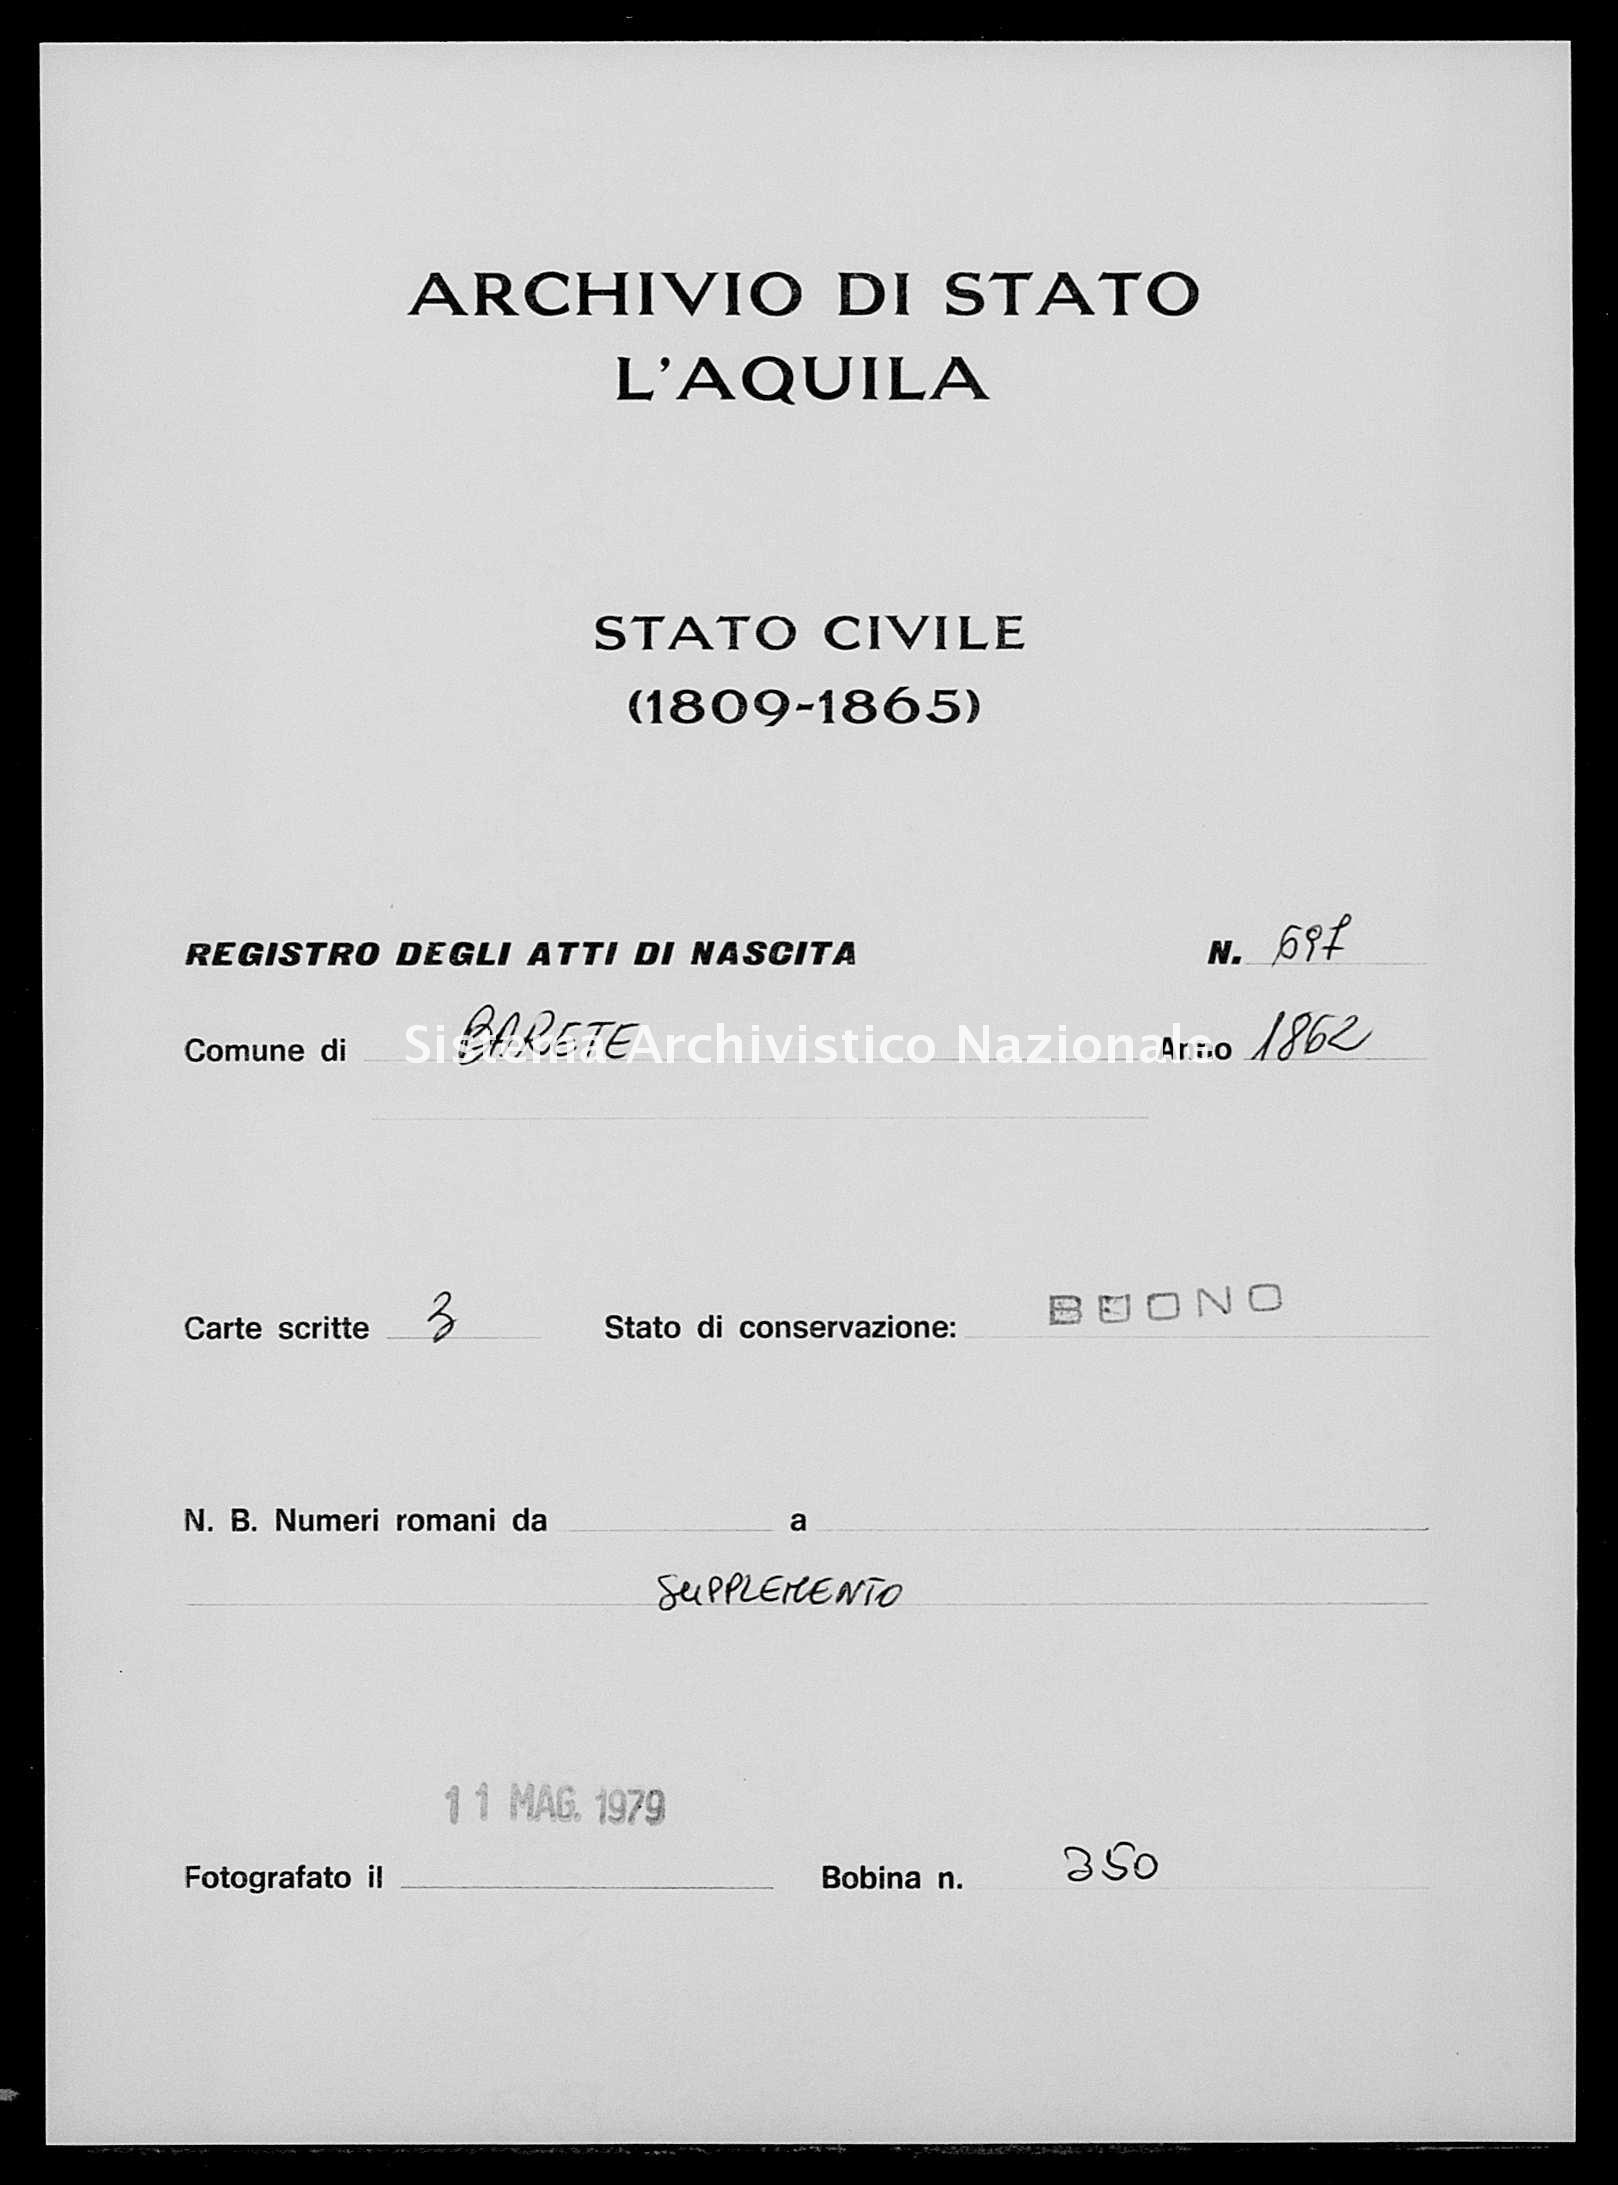 Archivio di stato di L'aquila - Stato civile italiano - Barete - Nati, esposti - 1862 - 697 -